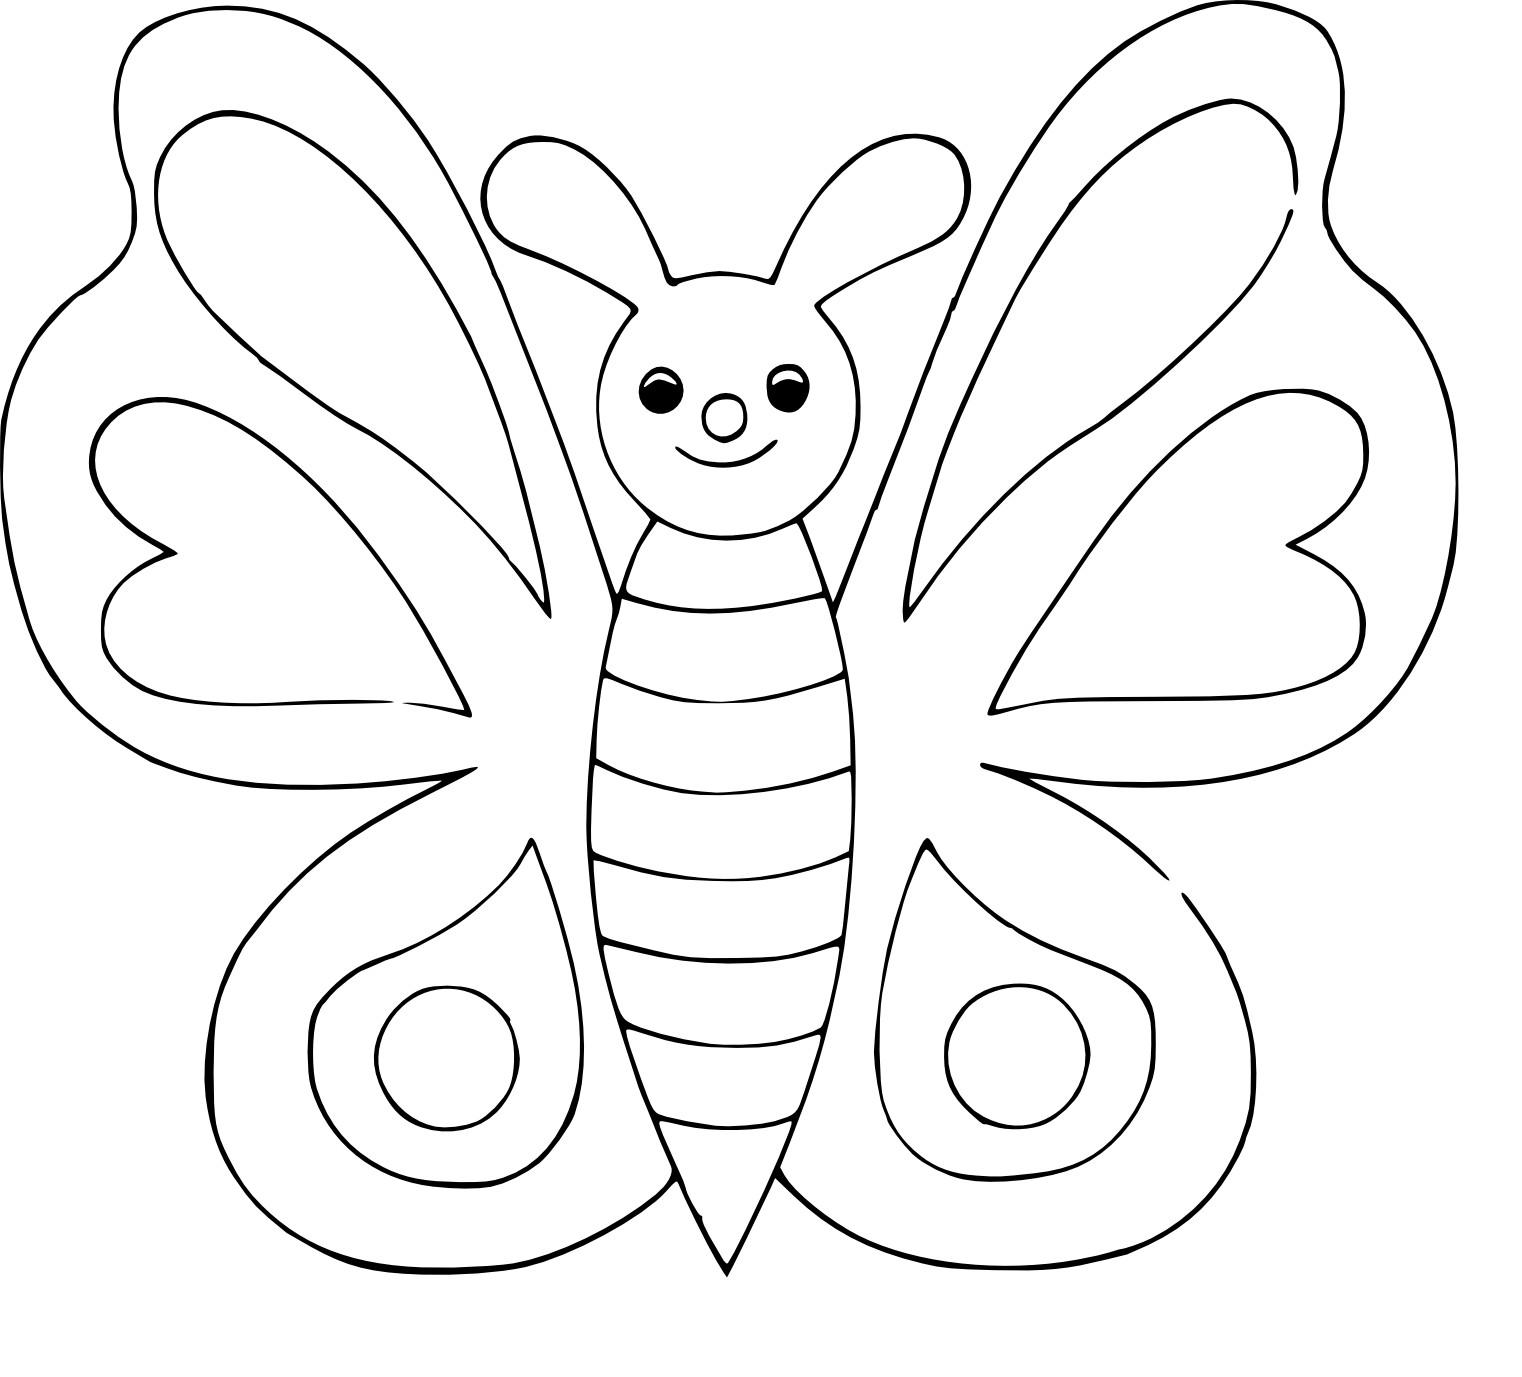 coloriage papillon simple